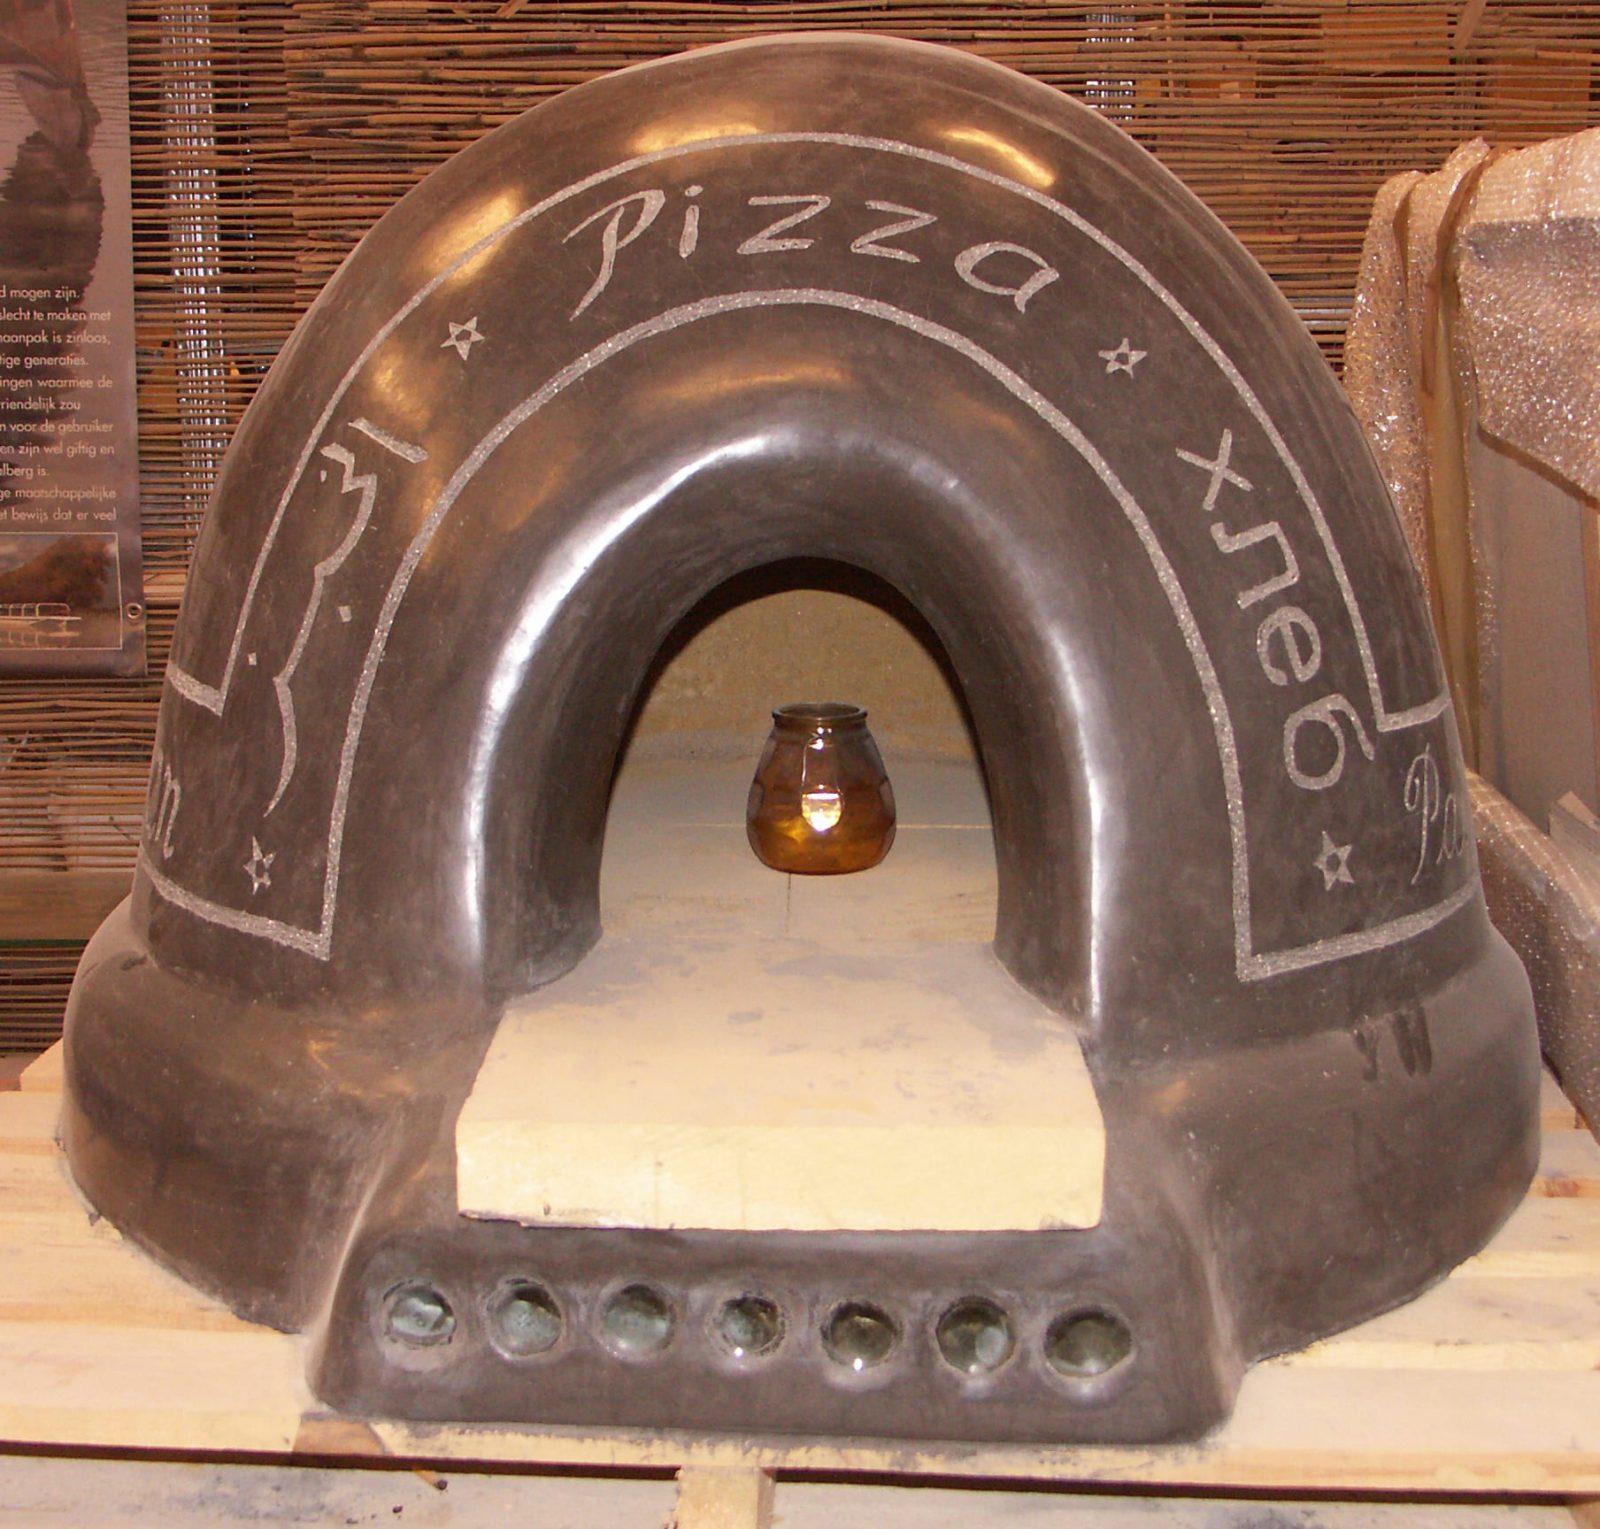 Tierrafino Stone Tadelakt Pizzaoven